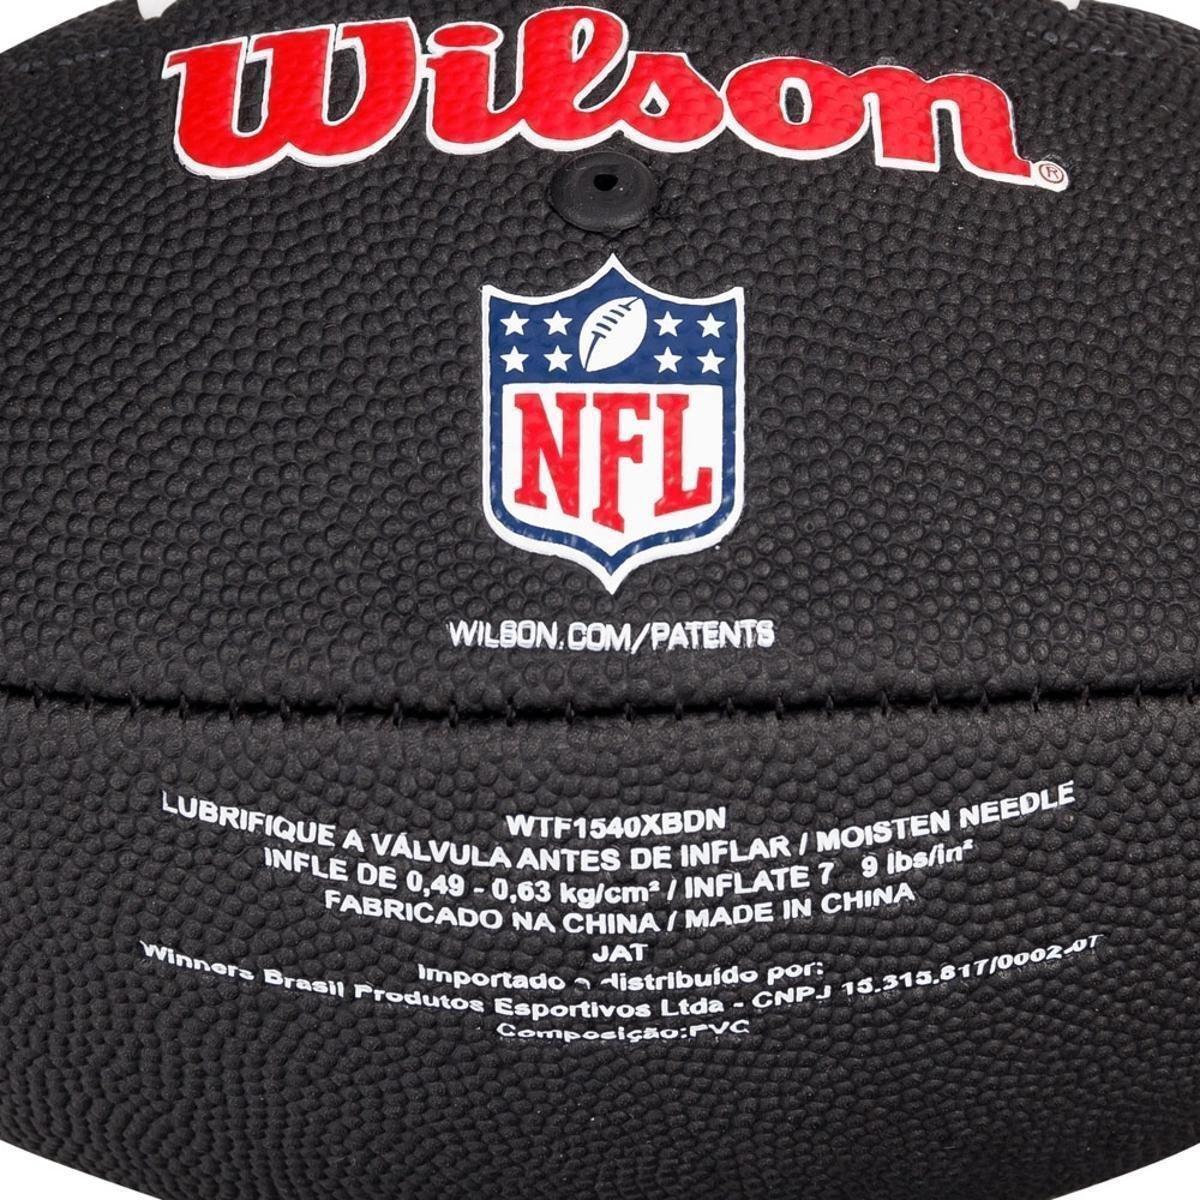 888069beb6 ... Bola de Futebol Americano Wilson NFL Team Jr Denver Broncos Edition  Black